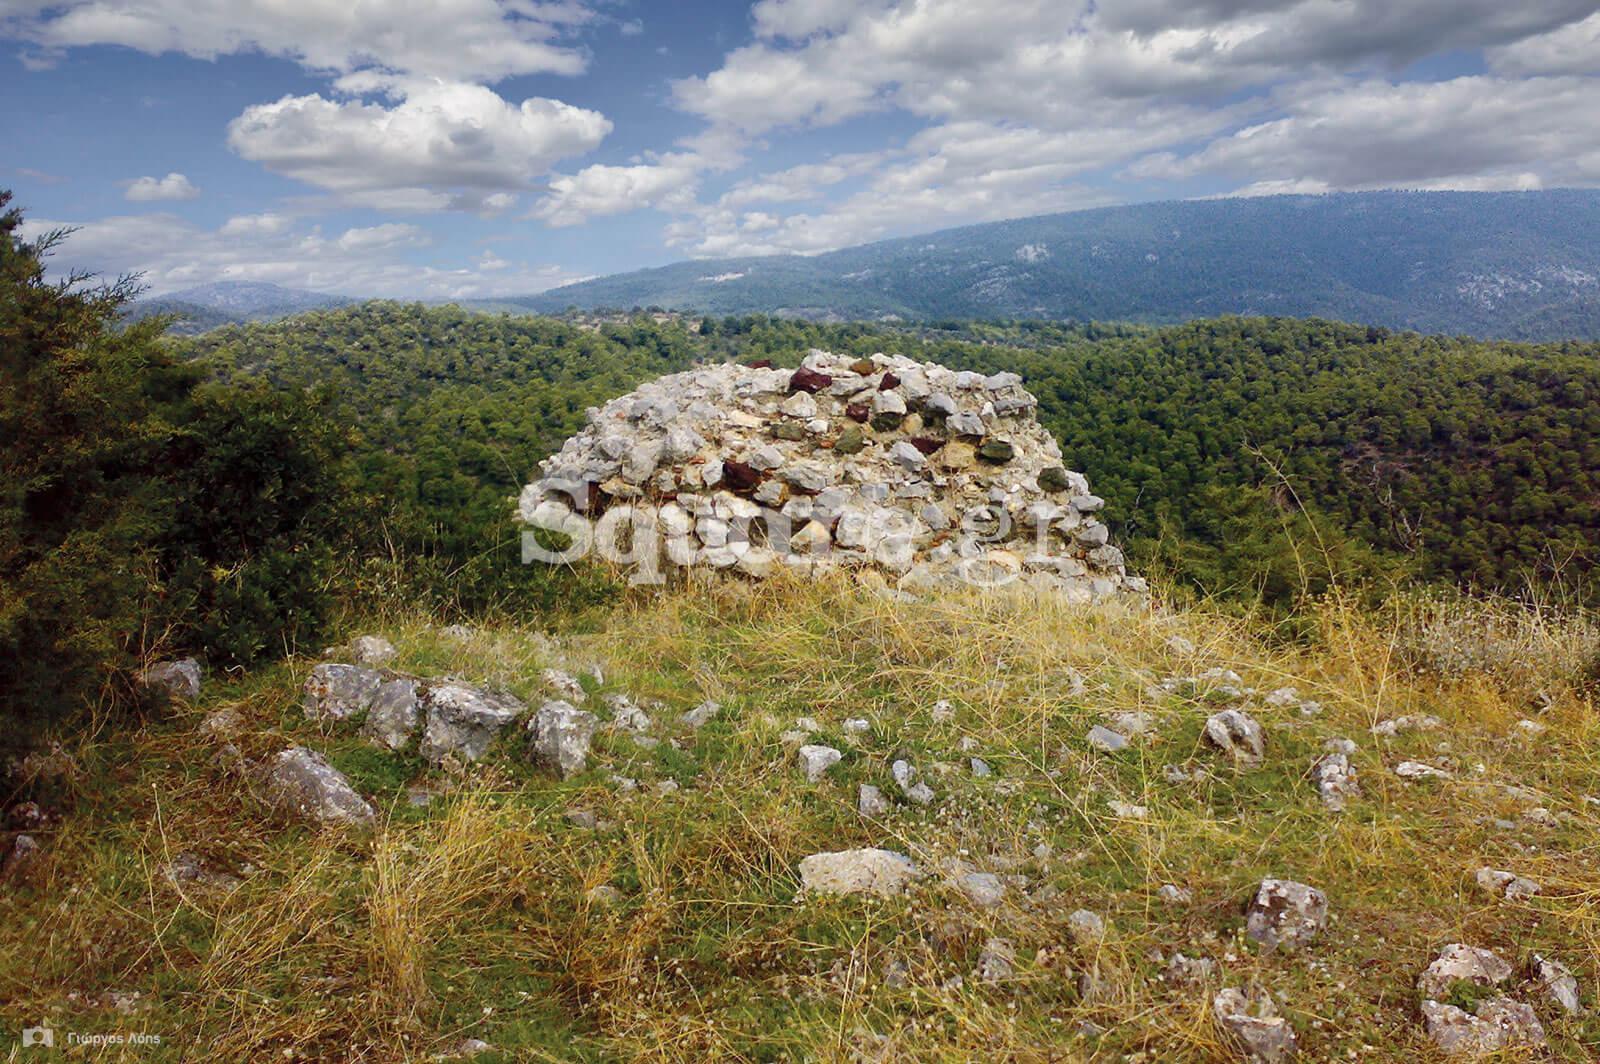 5-Σωζόμενο-τμήμα-των-βόρειων-τειχών-του-κάστρου-των-Ψαχνών